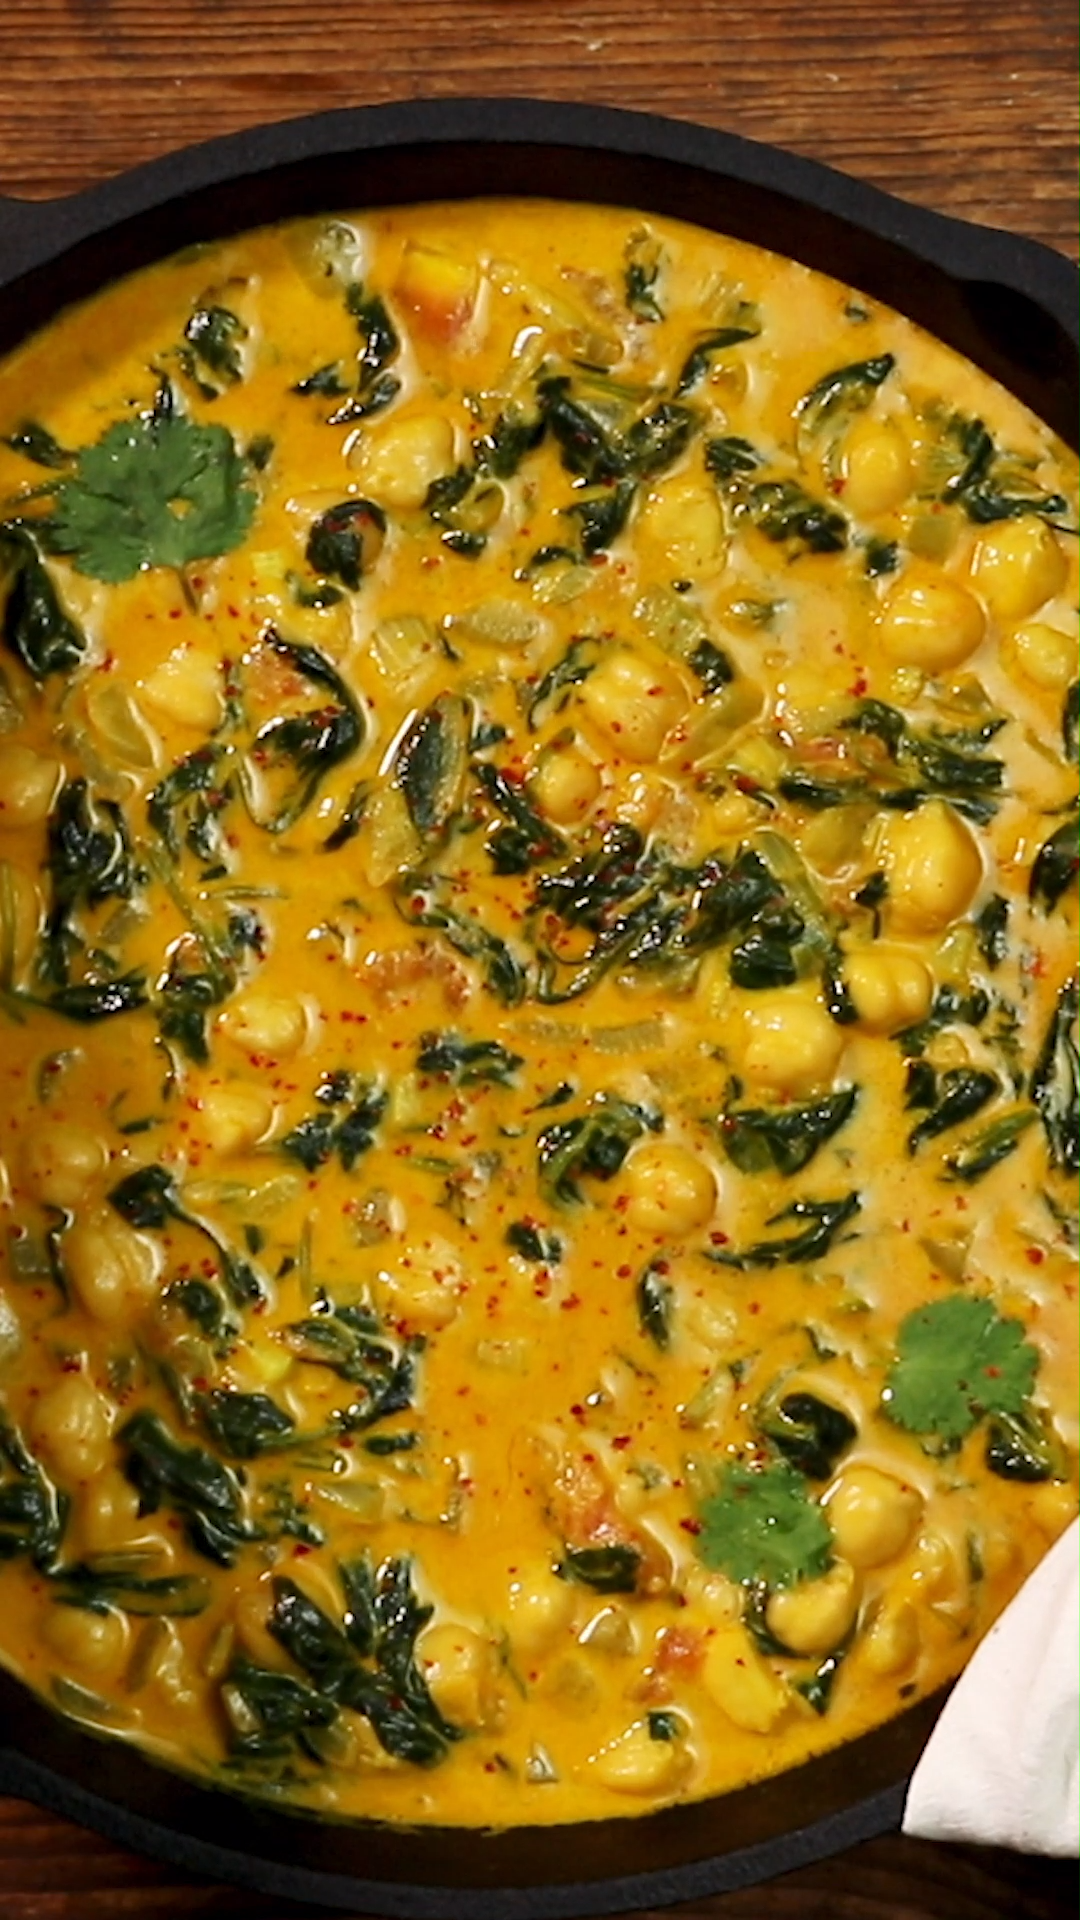 Schnelles Spinat-Kichererbsen-Gericht - Selina&Vorspeisenrezept